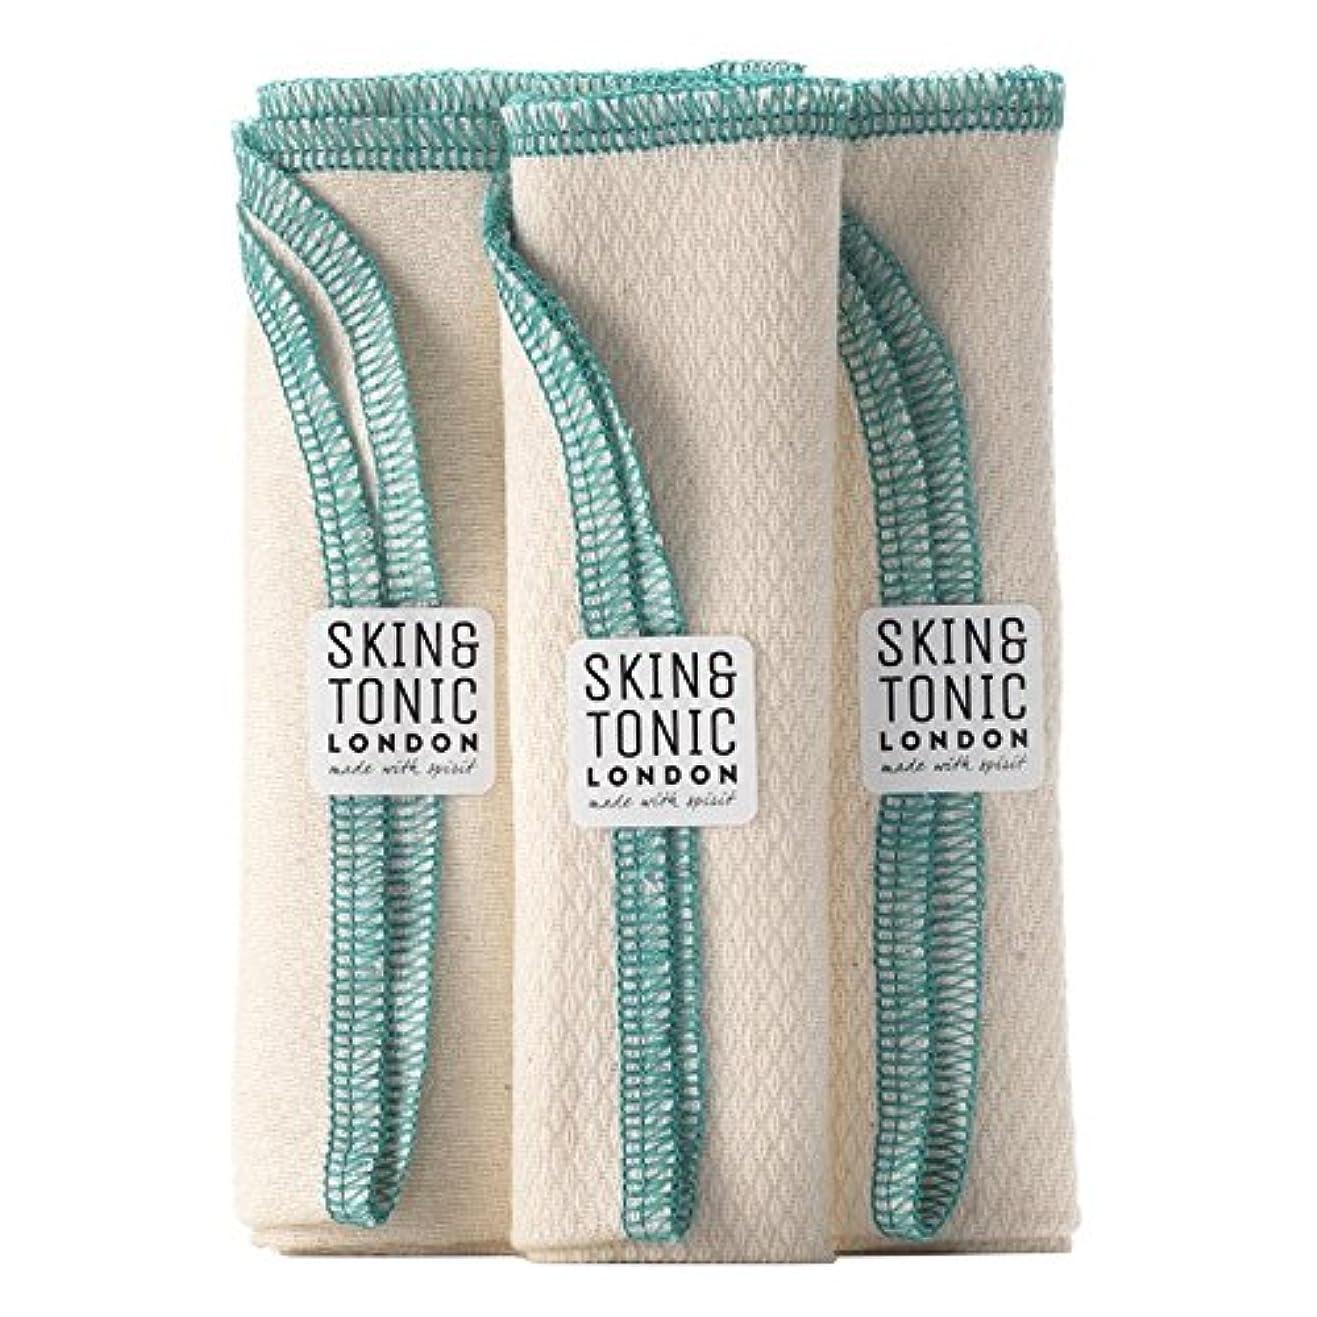 ピクニック縮約カートンSkin & Tonic London Organic Cotton Cloth - スキン&トニックロンドンオーガニックコットン生地 [並行輸入品]